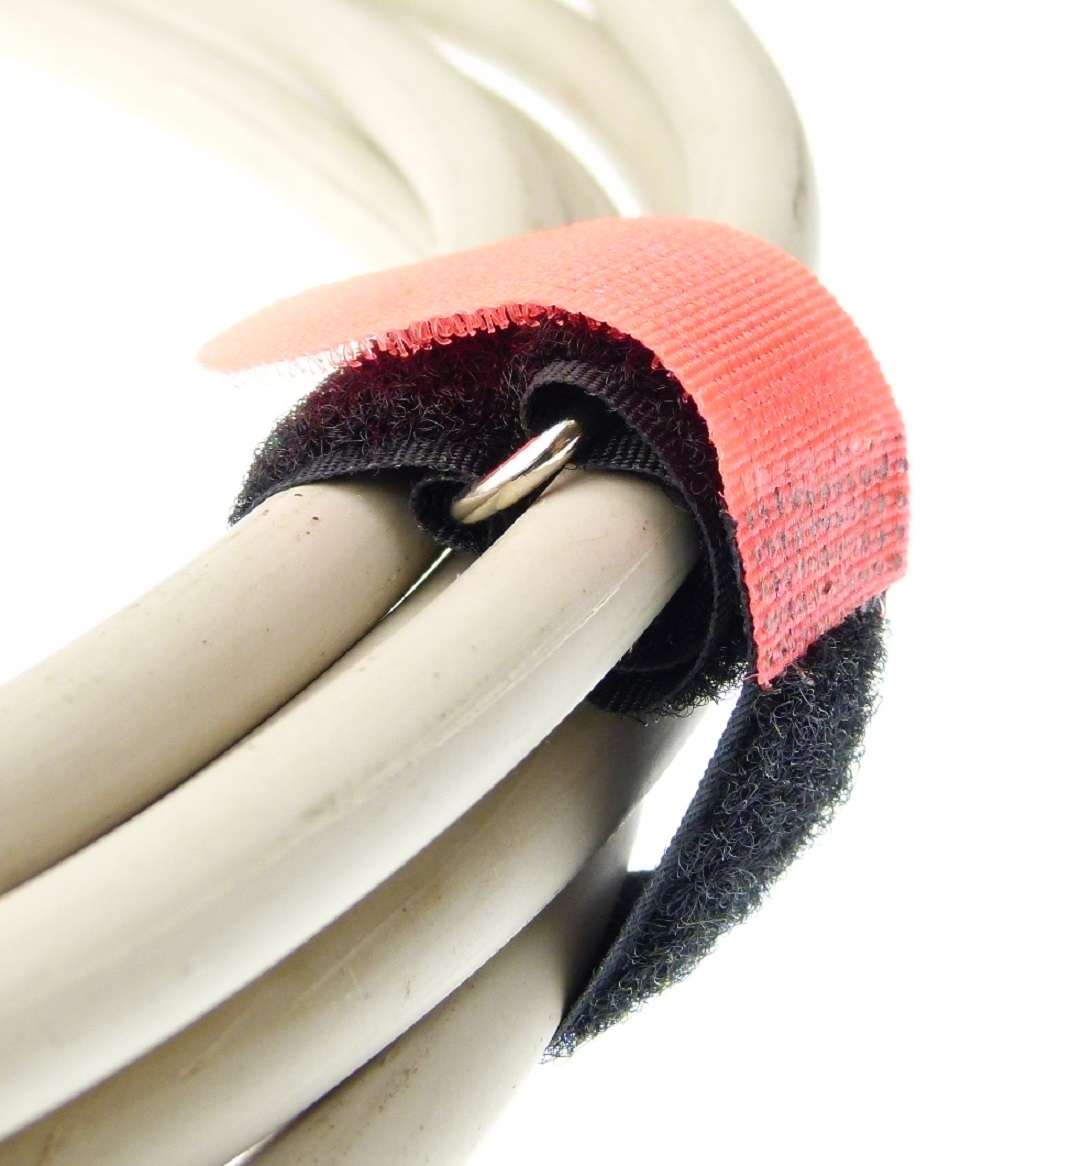 50x Klettband Kabelbinder 30 cm x 20 mm neon pink Klettbänder Kabelklettband Öse